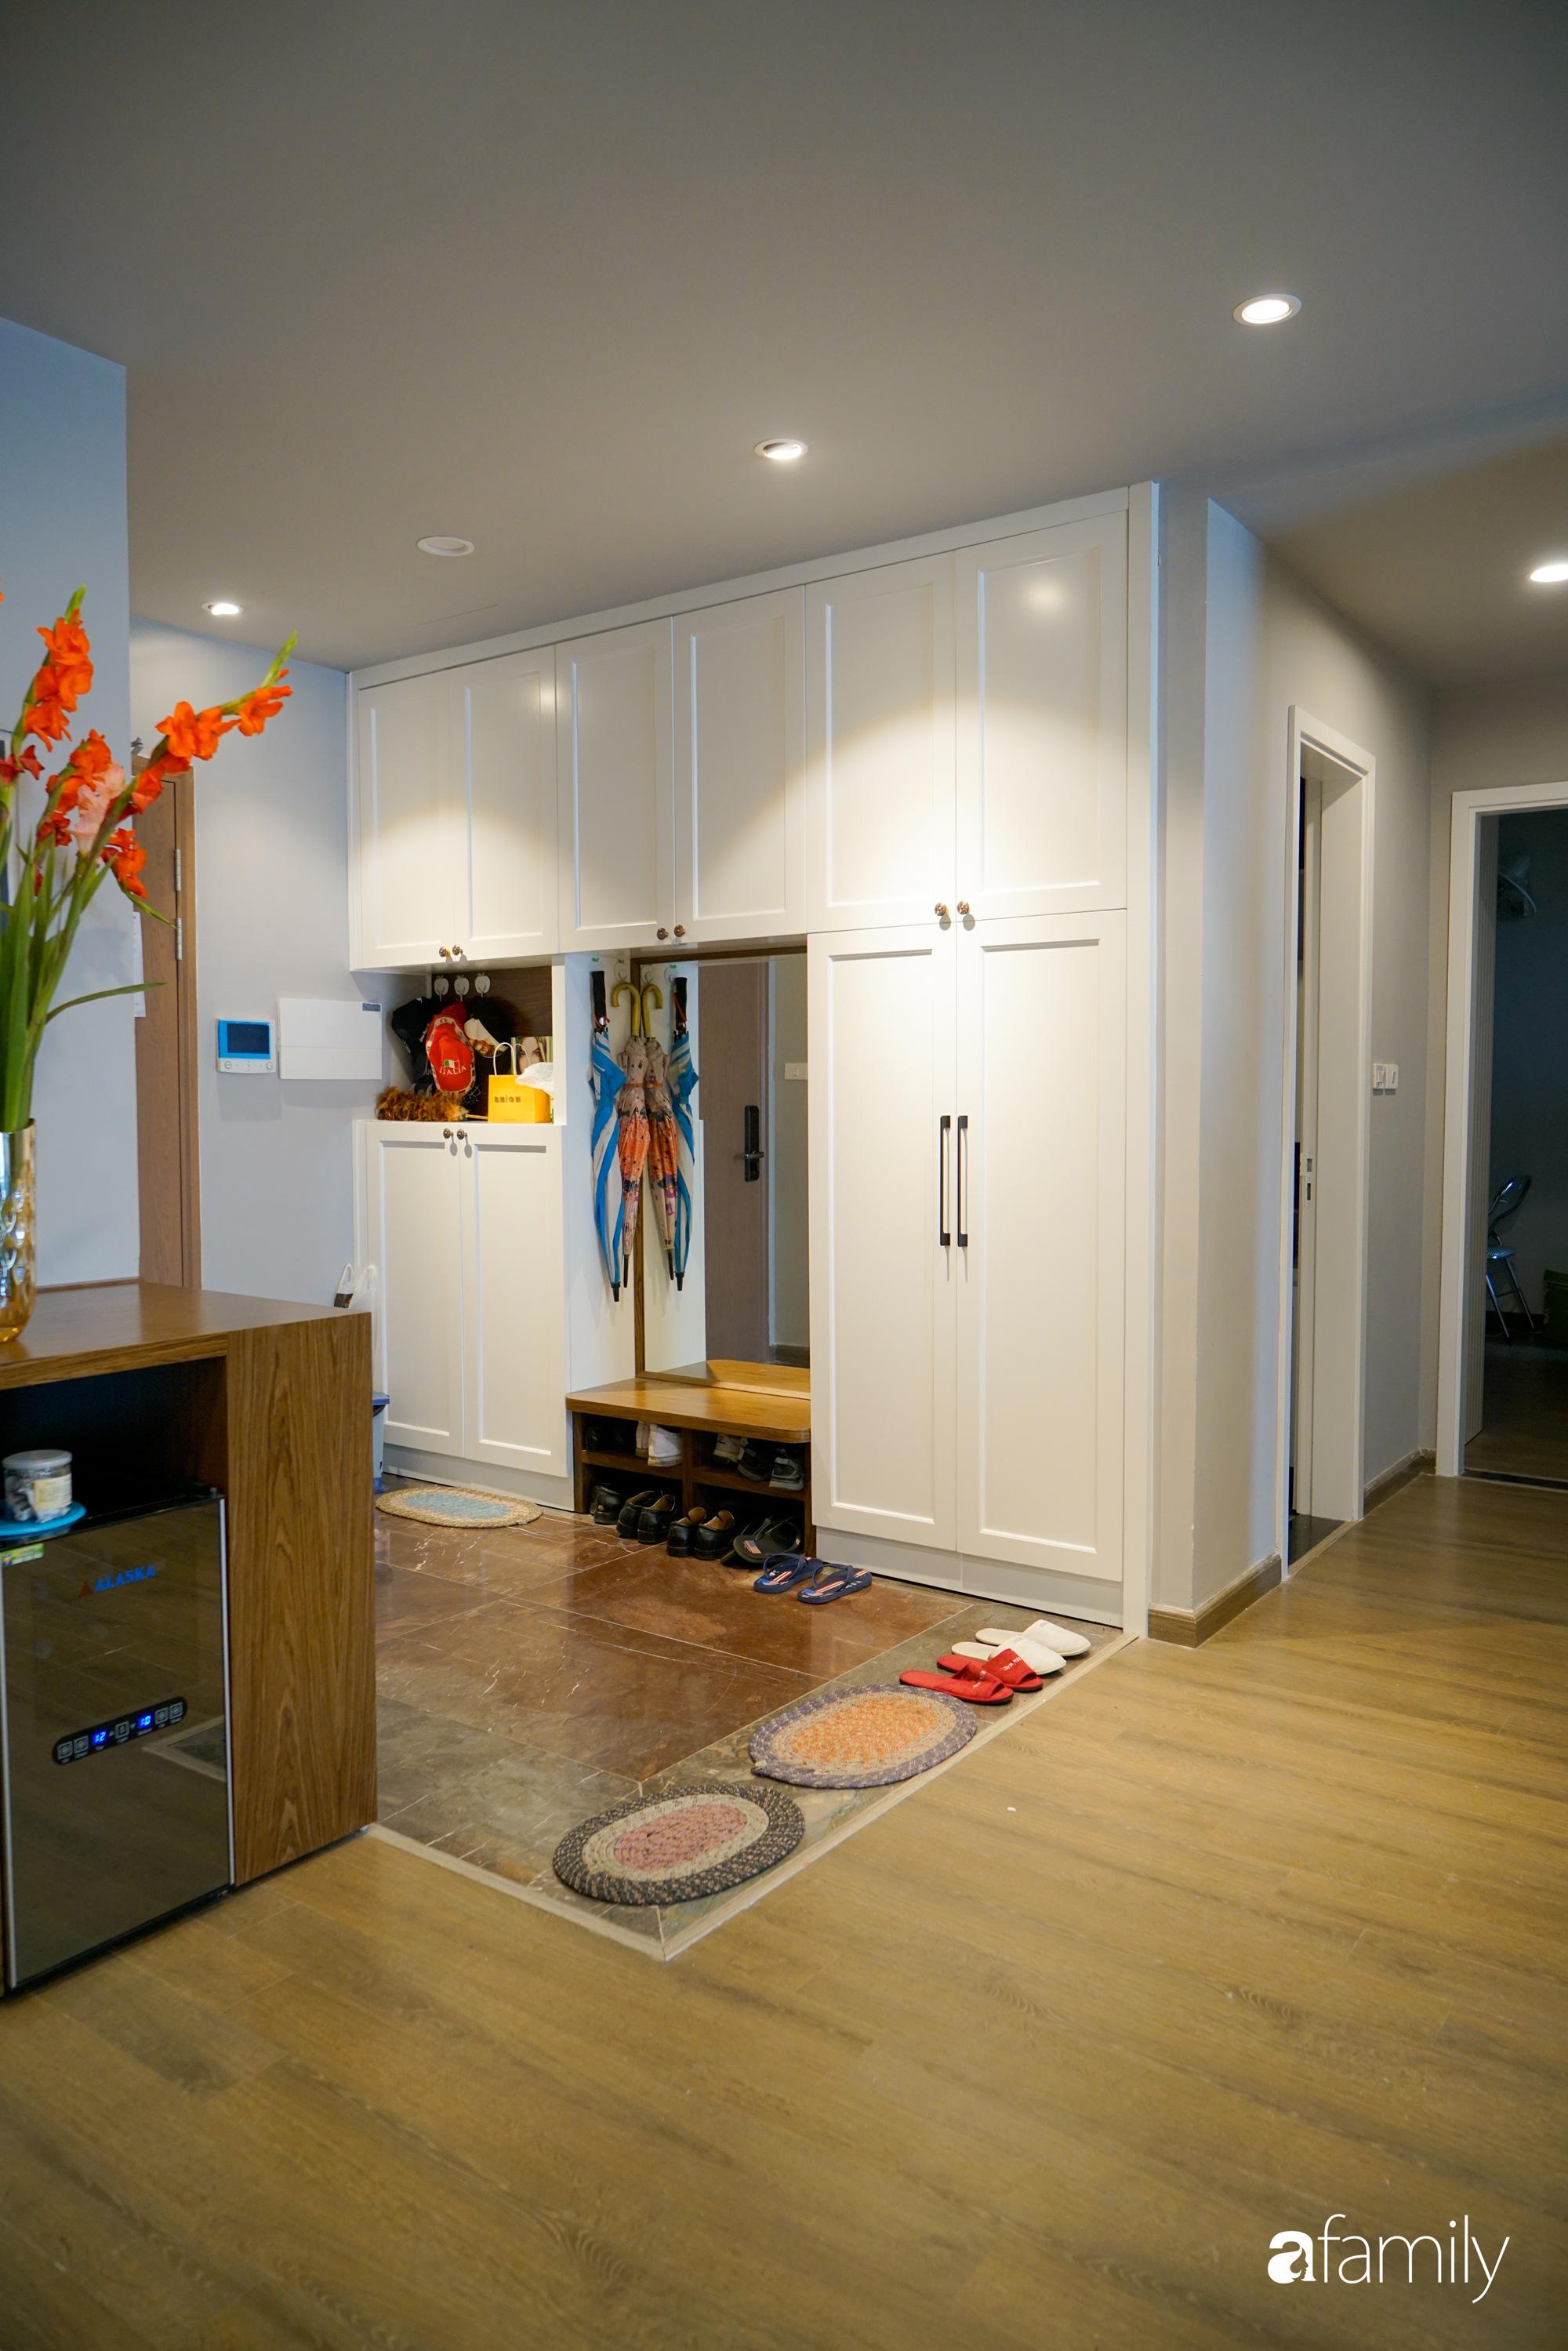 Căn hộ 116m² hoàn thiện nội thất chỉ gần 1 tháng vẫn đẹp hiện đại ở Cầu Giấy, Hà Nội